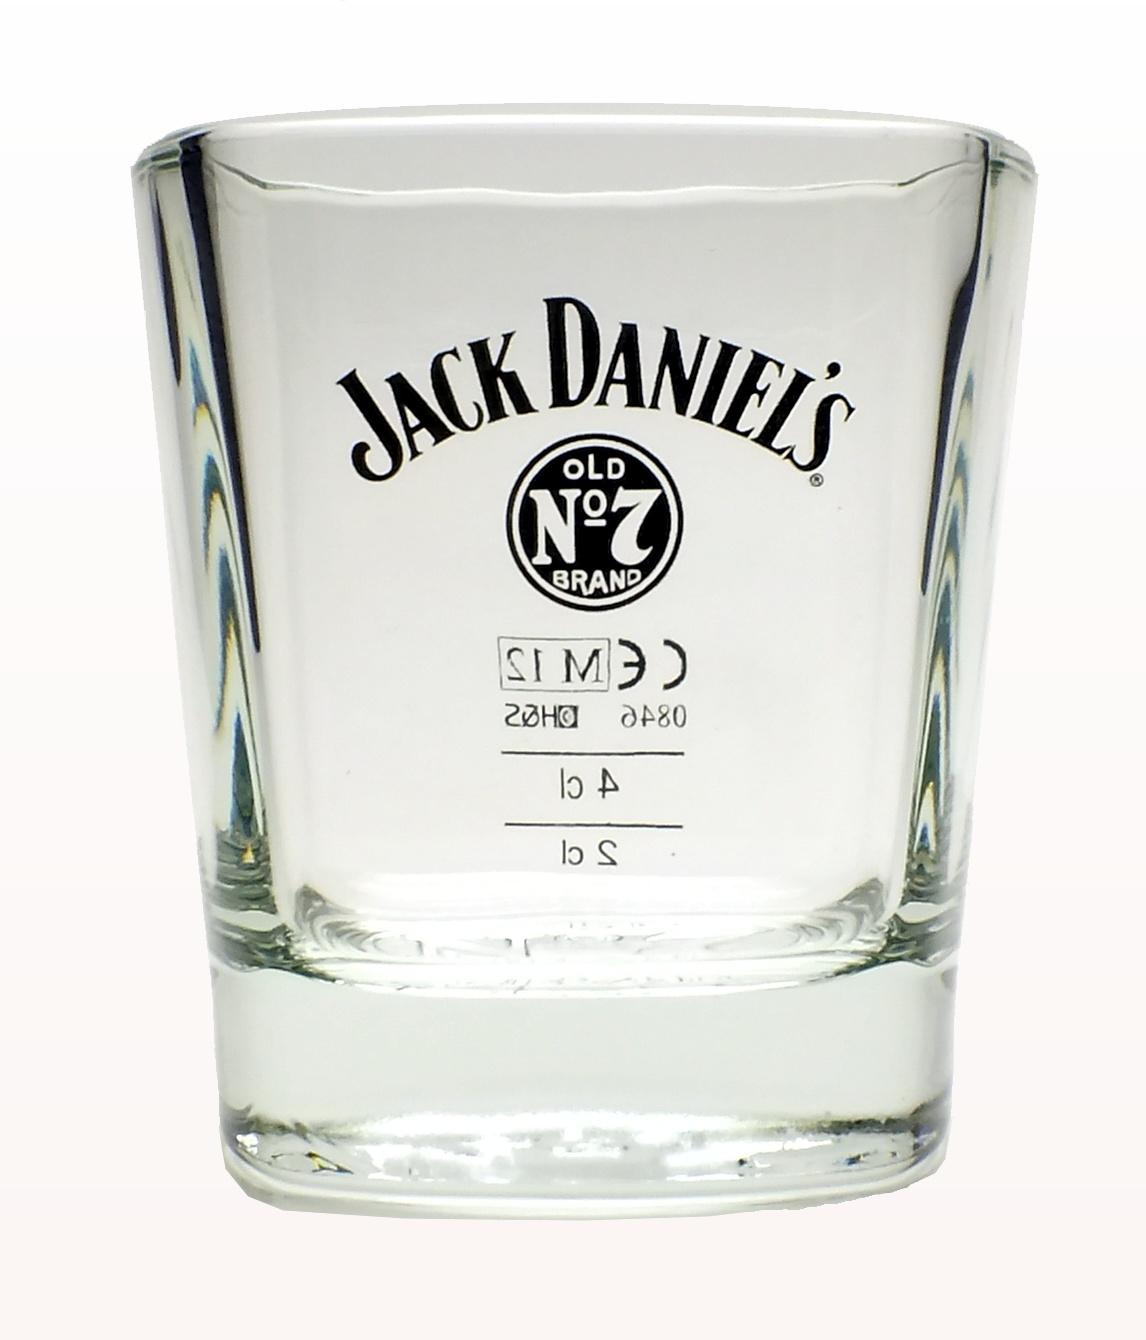 6 st ck jack daniels tumbler gl ser 2cl 4cl set glas ebay. Black Bedroom Furniture Sets. Home Design Ideas